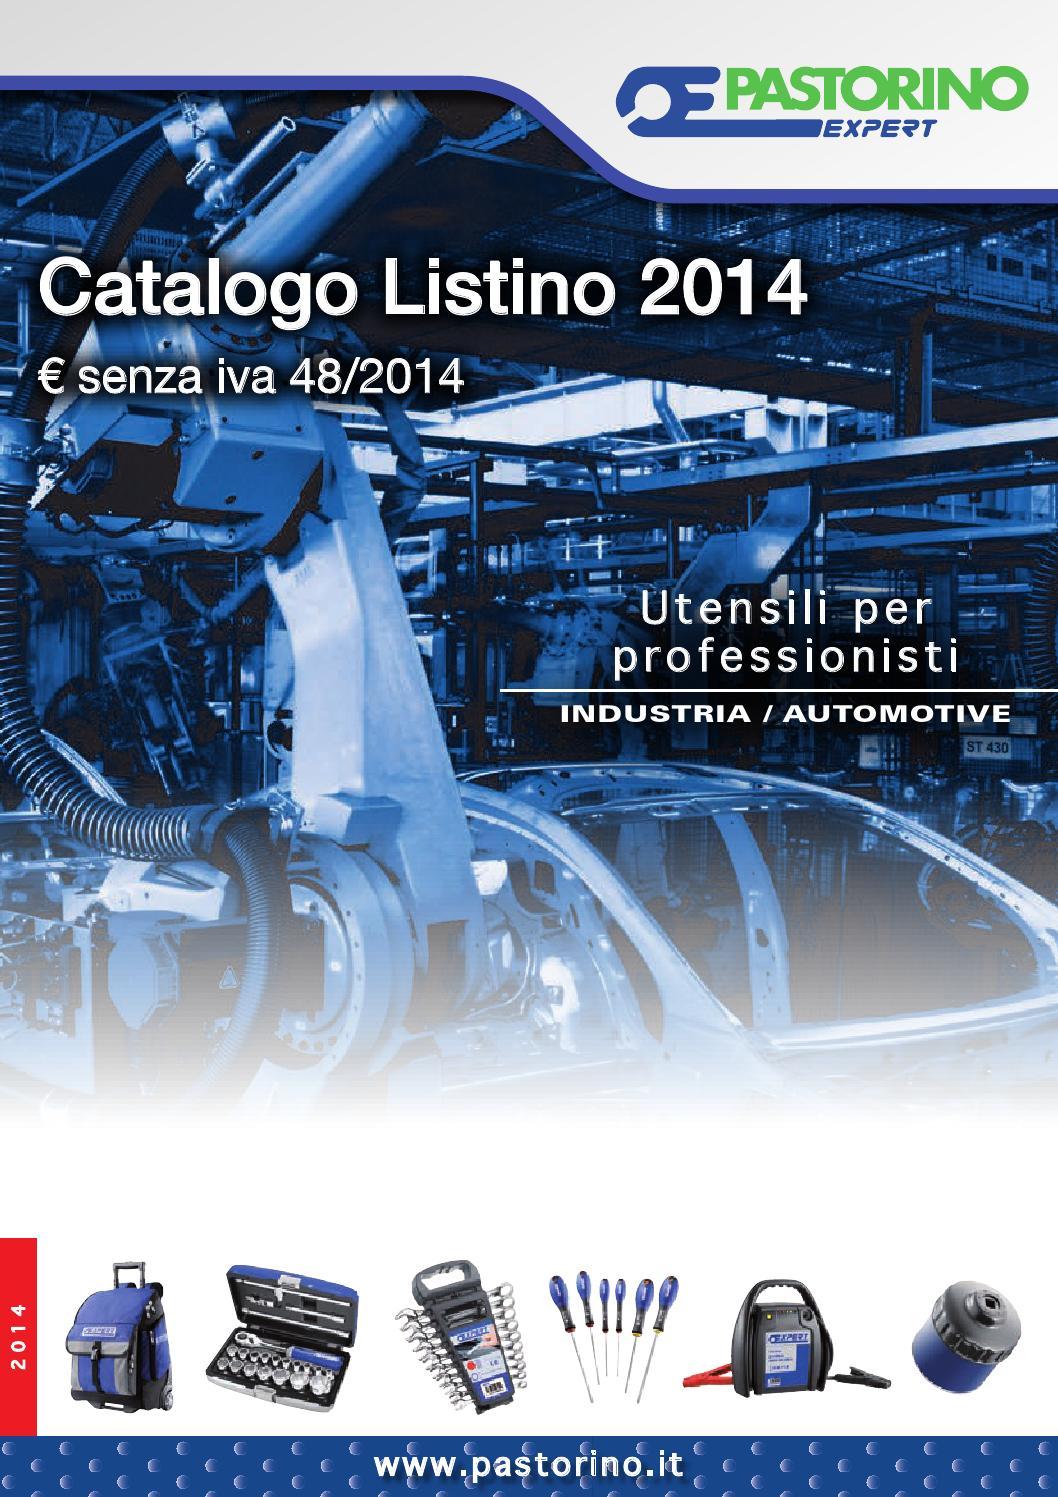 catalistino pastorino expert 2014 by usag issuu